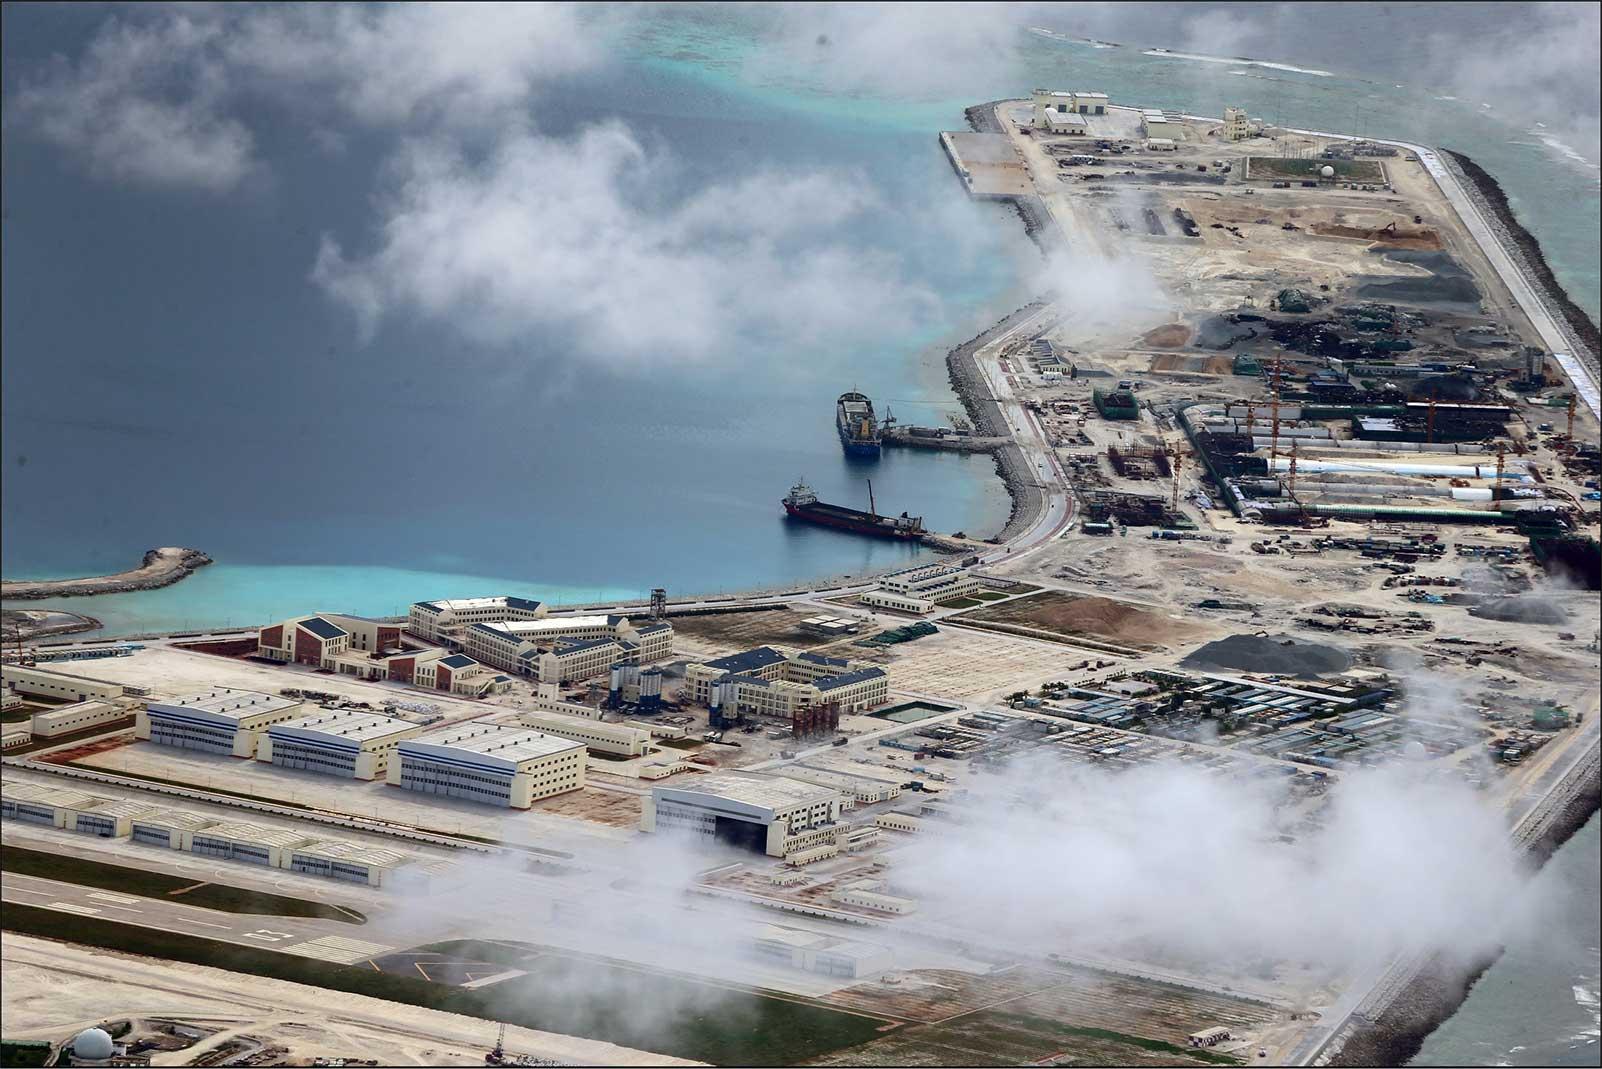 Trung Quốc sẽ làm gì với các tiền đồn trên Biển Đông?